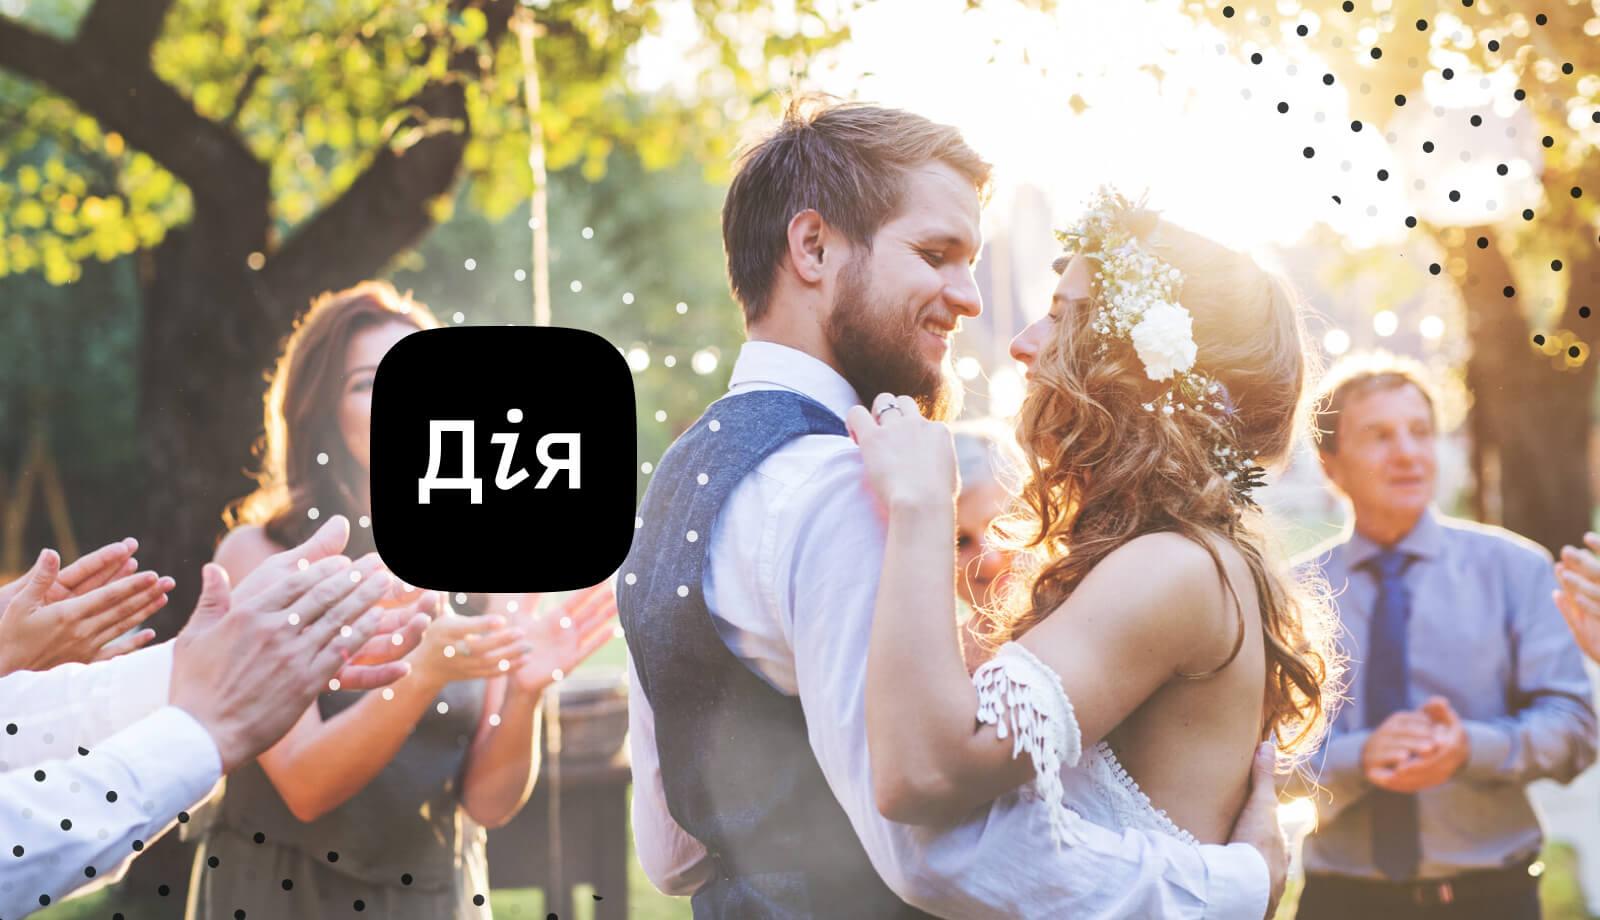 Шлюб онлайн: реєстрація документів доступна в додатку «Дія»